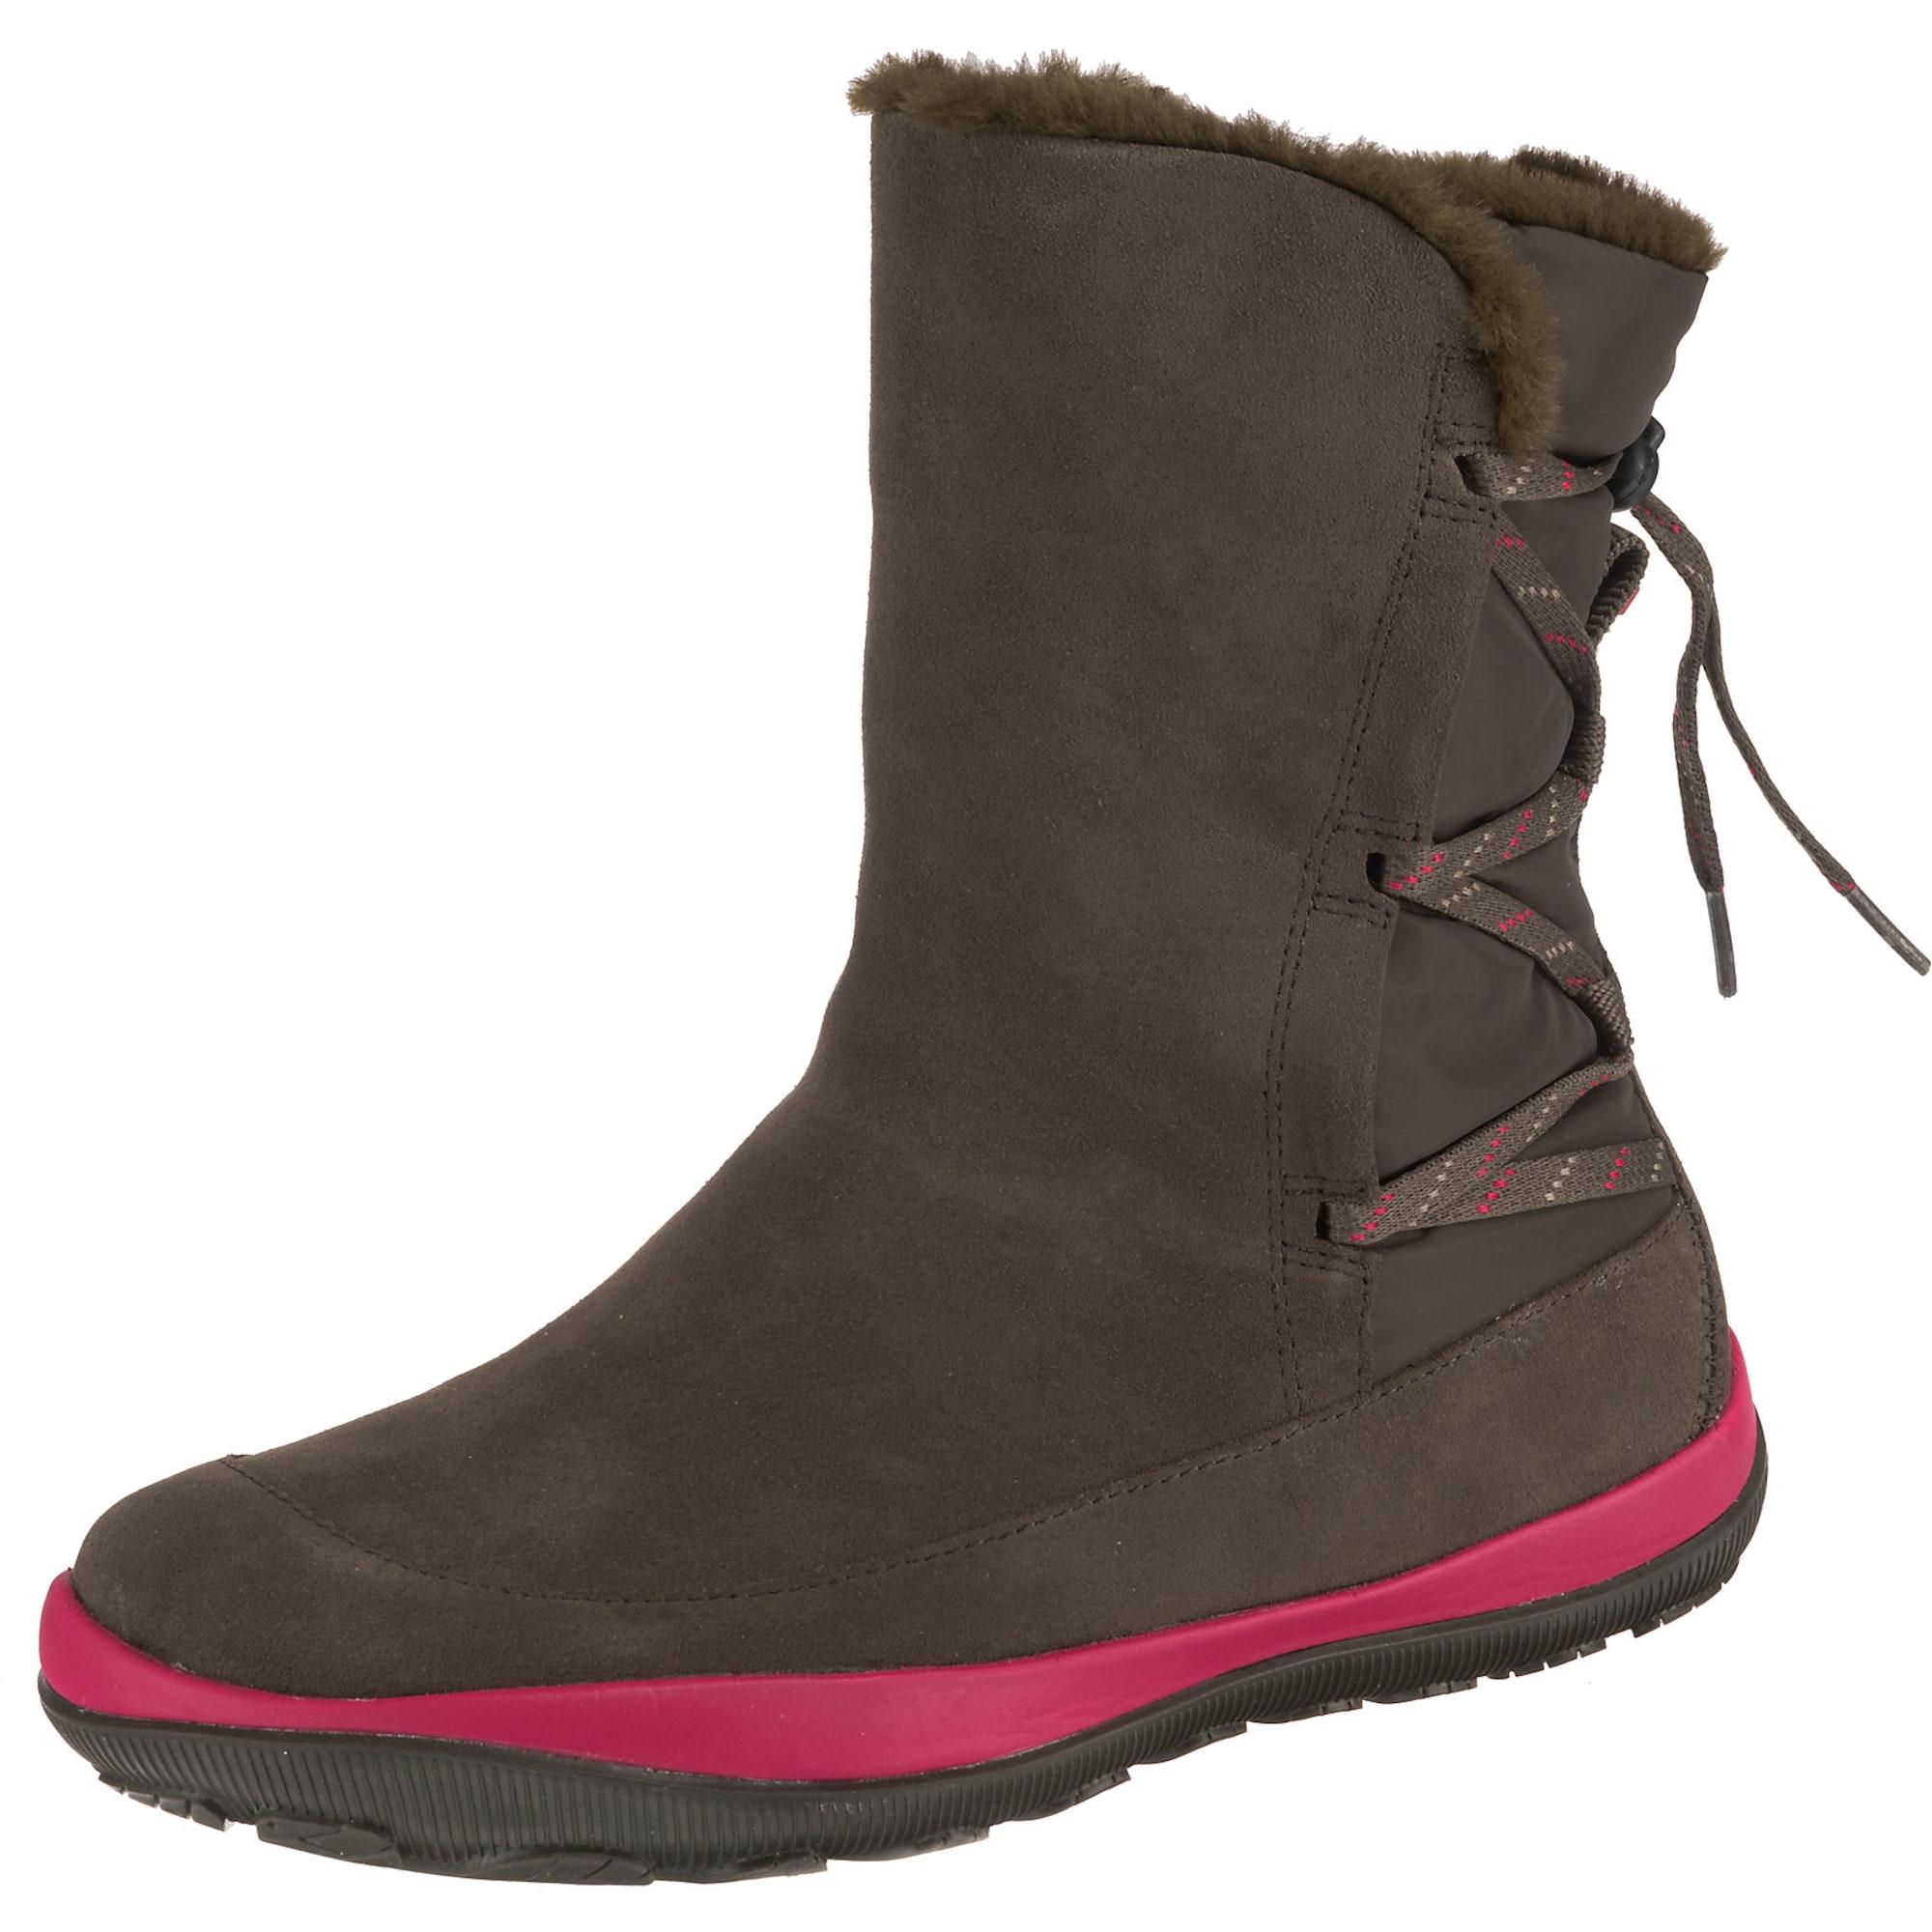 Winterstiefel | Schuhe > Stiefel > Winterstiefel | CAMPER